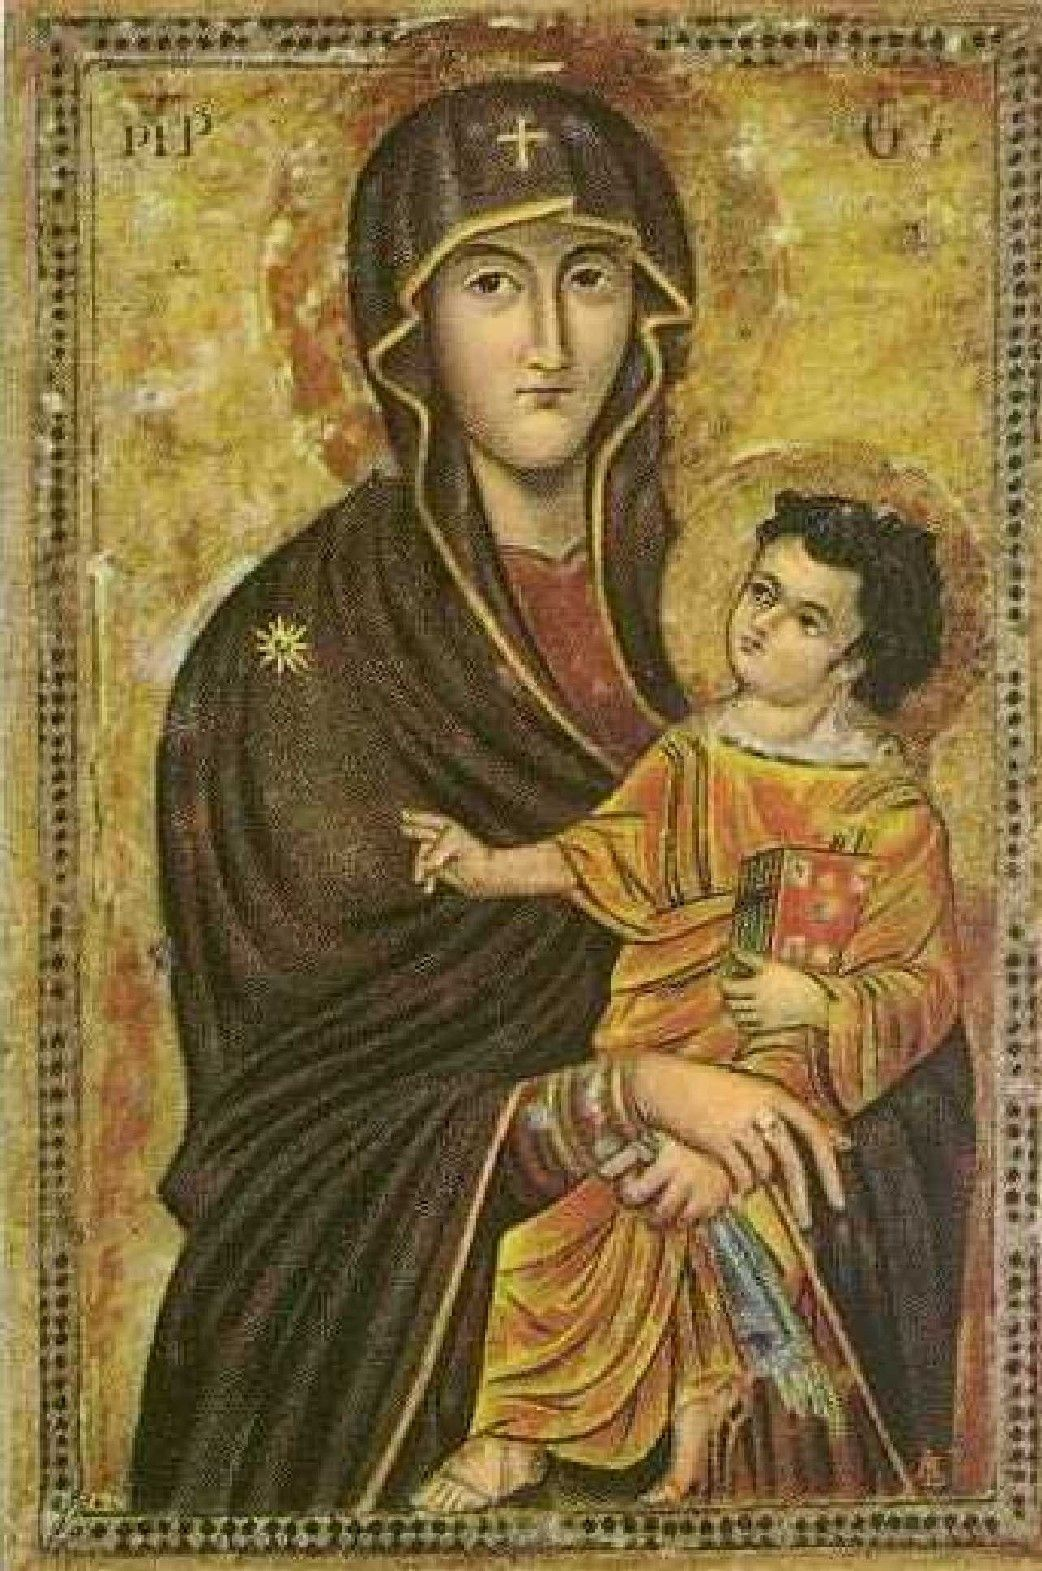 Icon of the Most Holy Theotokos (Panagia)